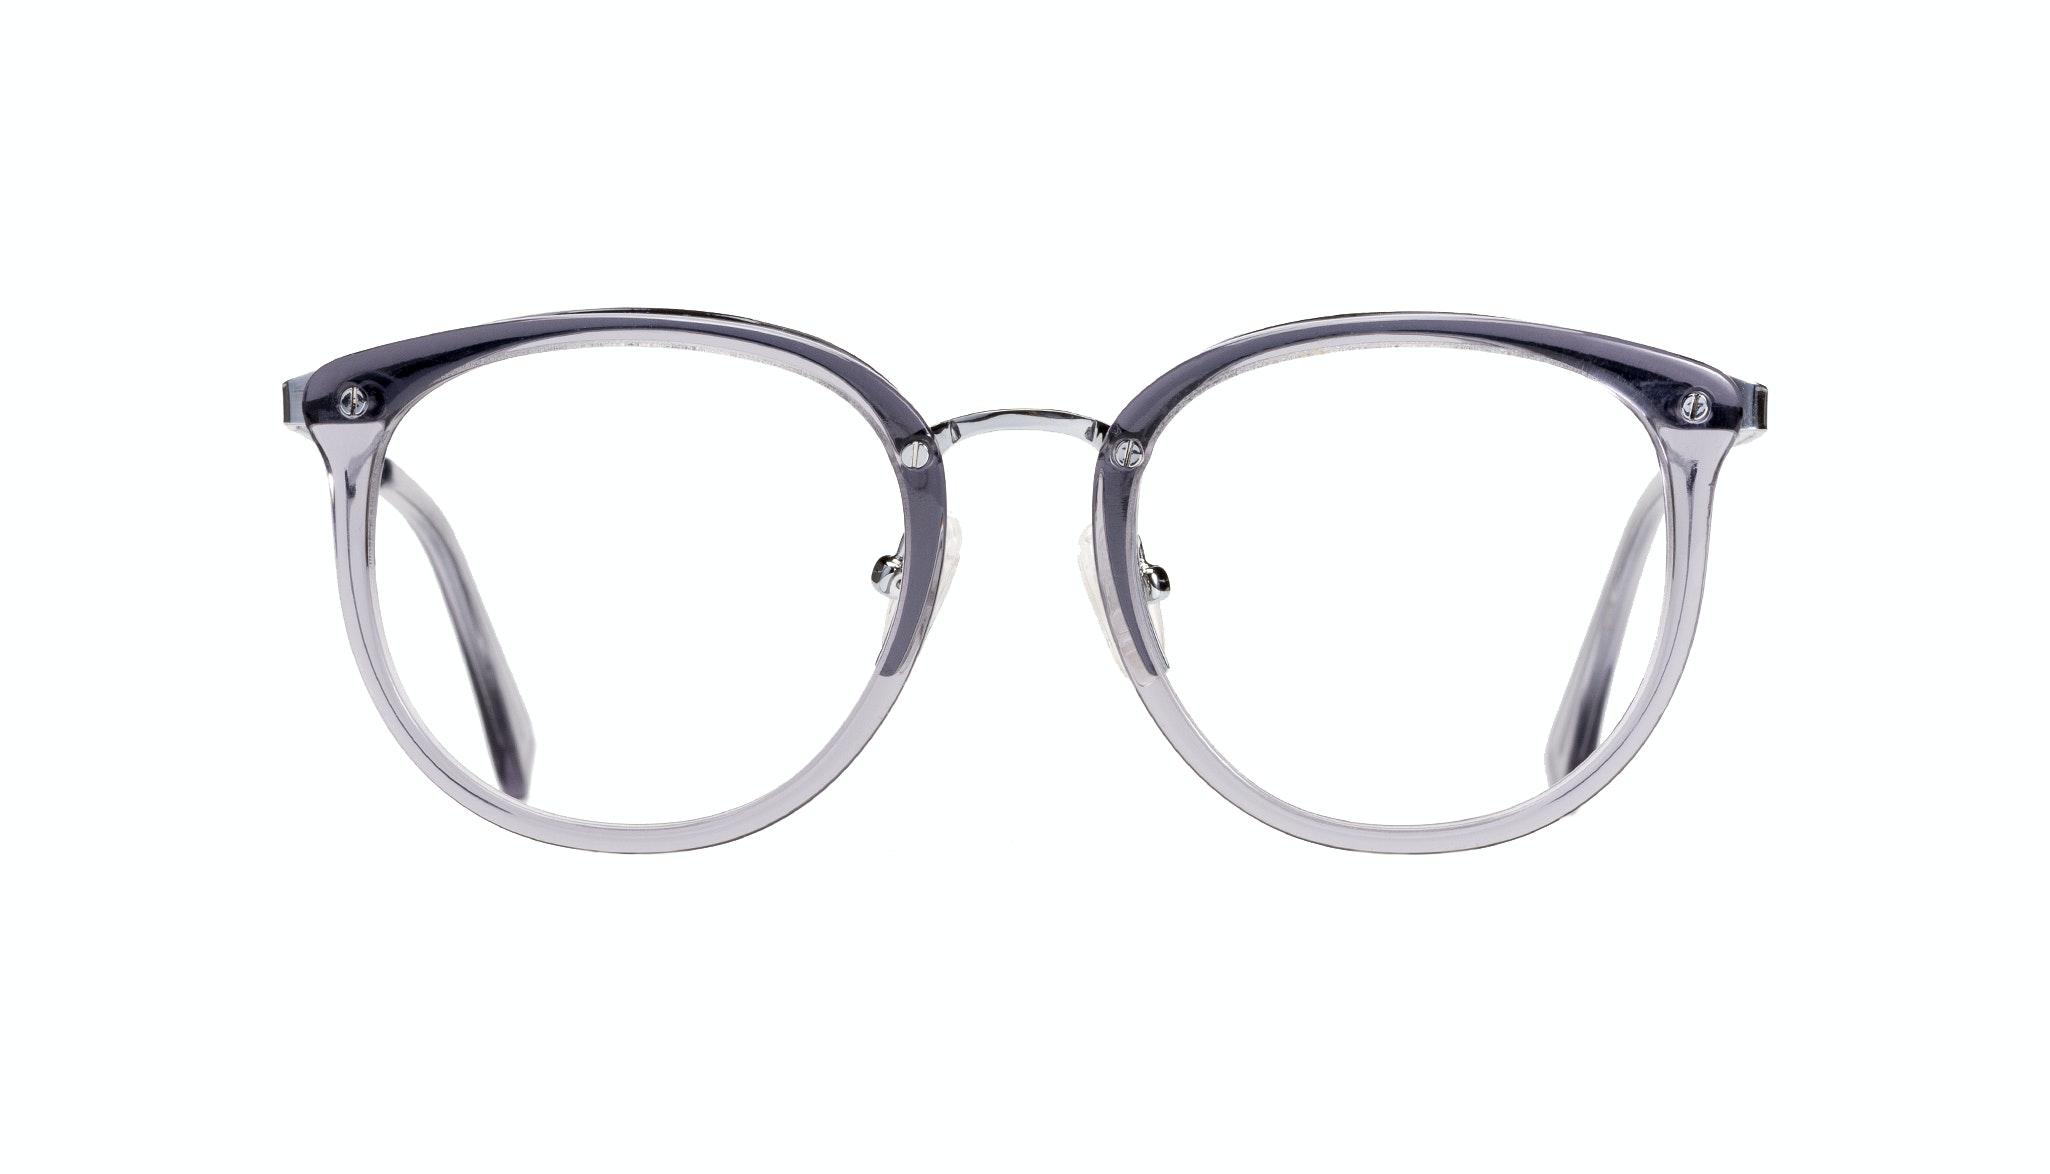 Affordable Fashion Glasses Cat Eye Round Eyeglasses Women Amaze Petite Cloud